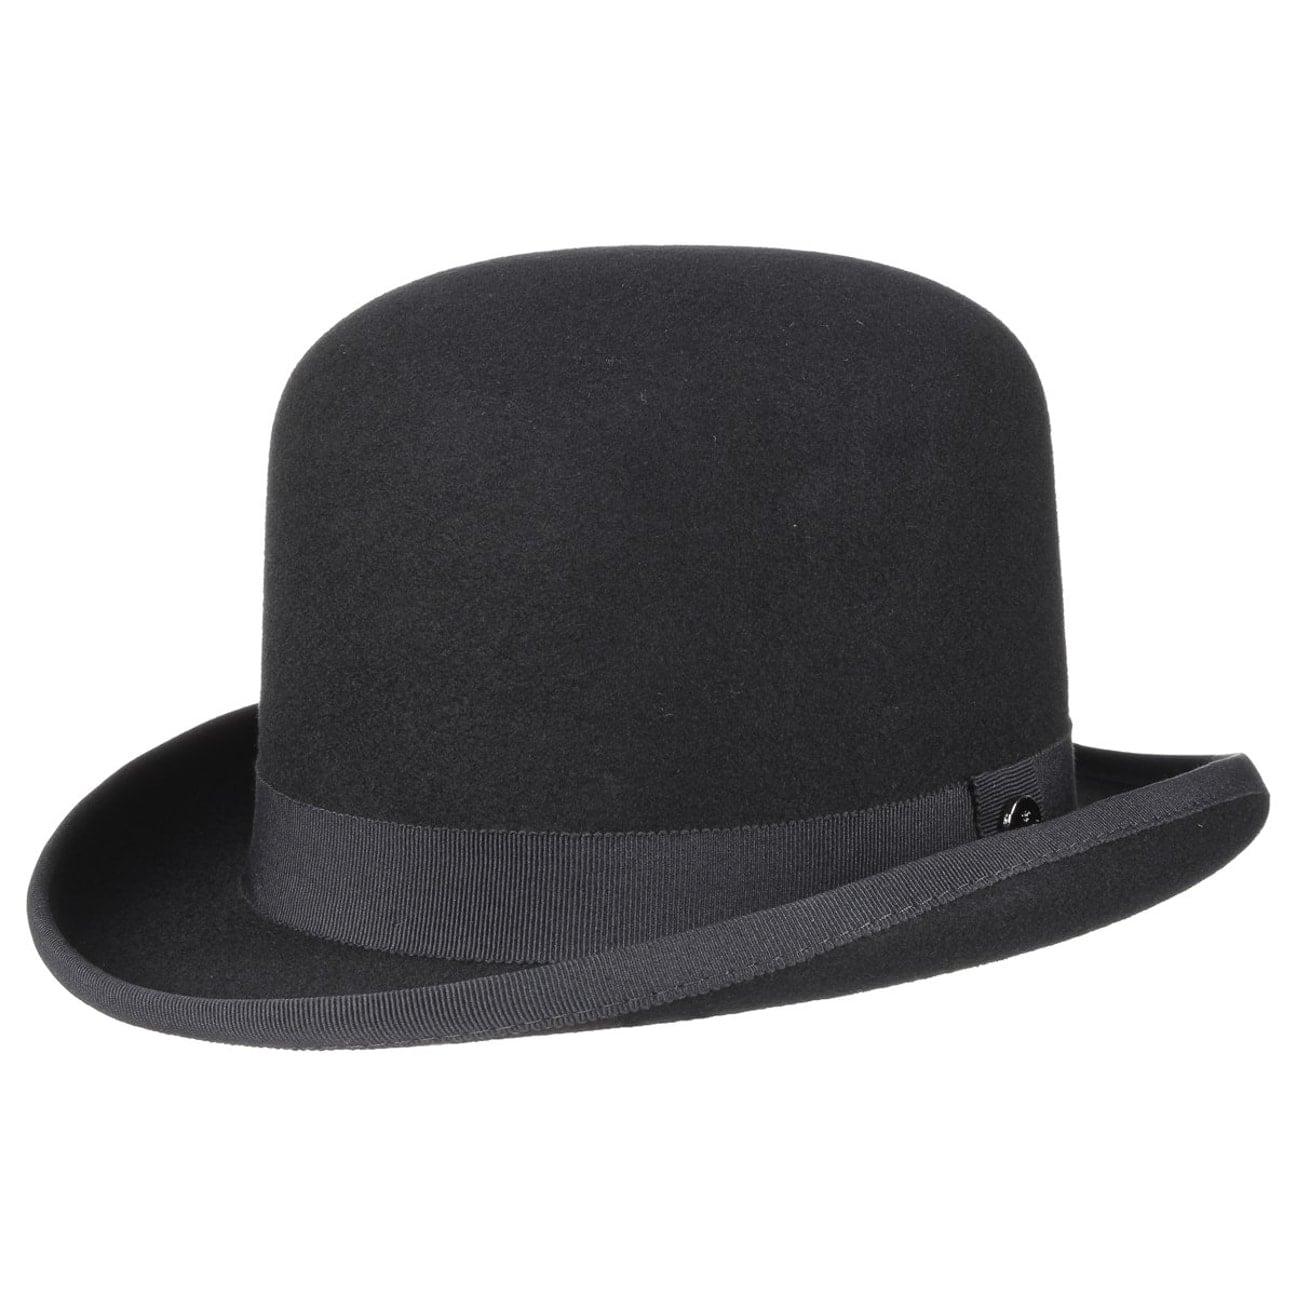 Sombrero de Fieltro Lana Bombín by Lierys - Sombreros - sombreroshop.es b470b2020de